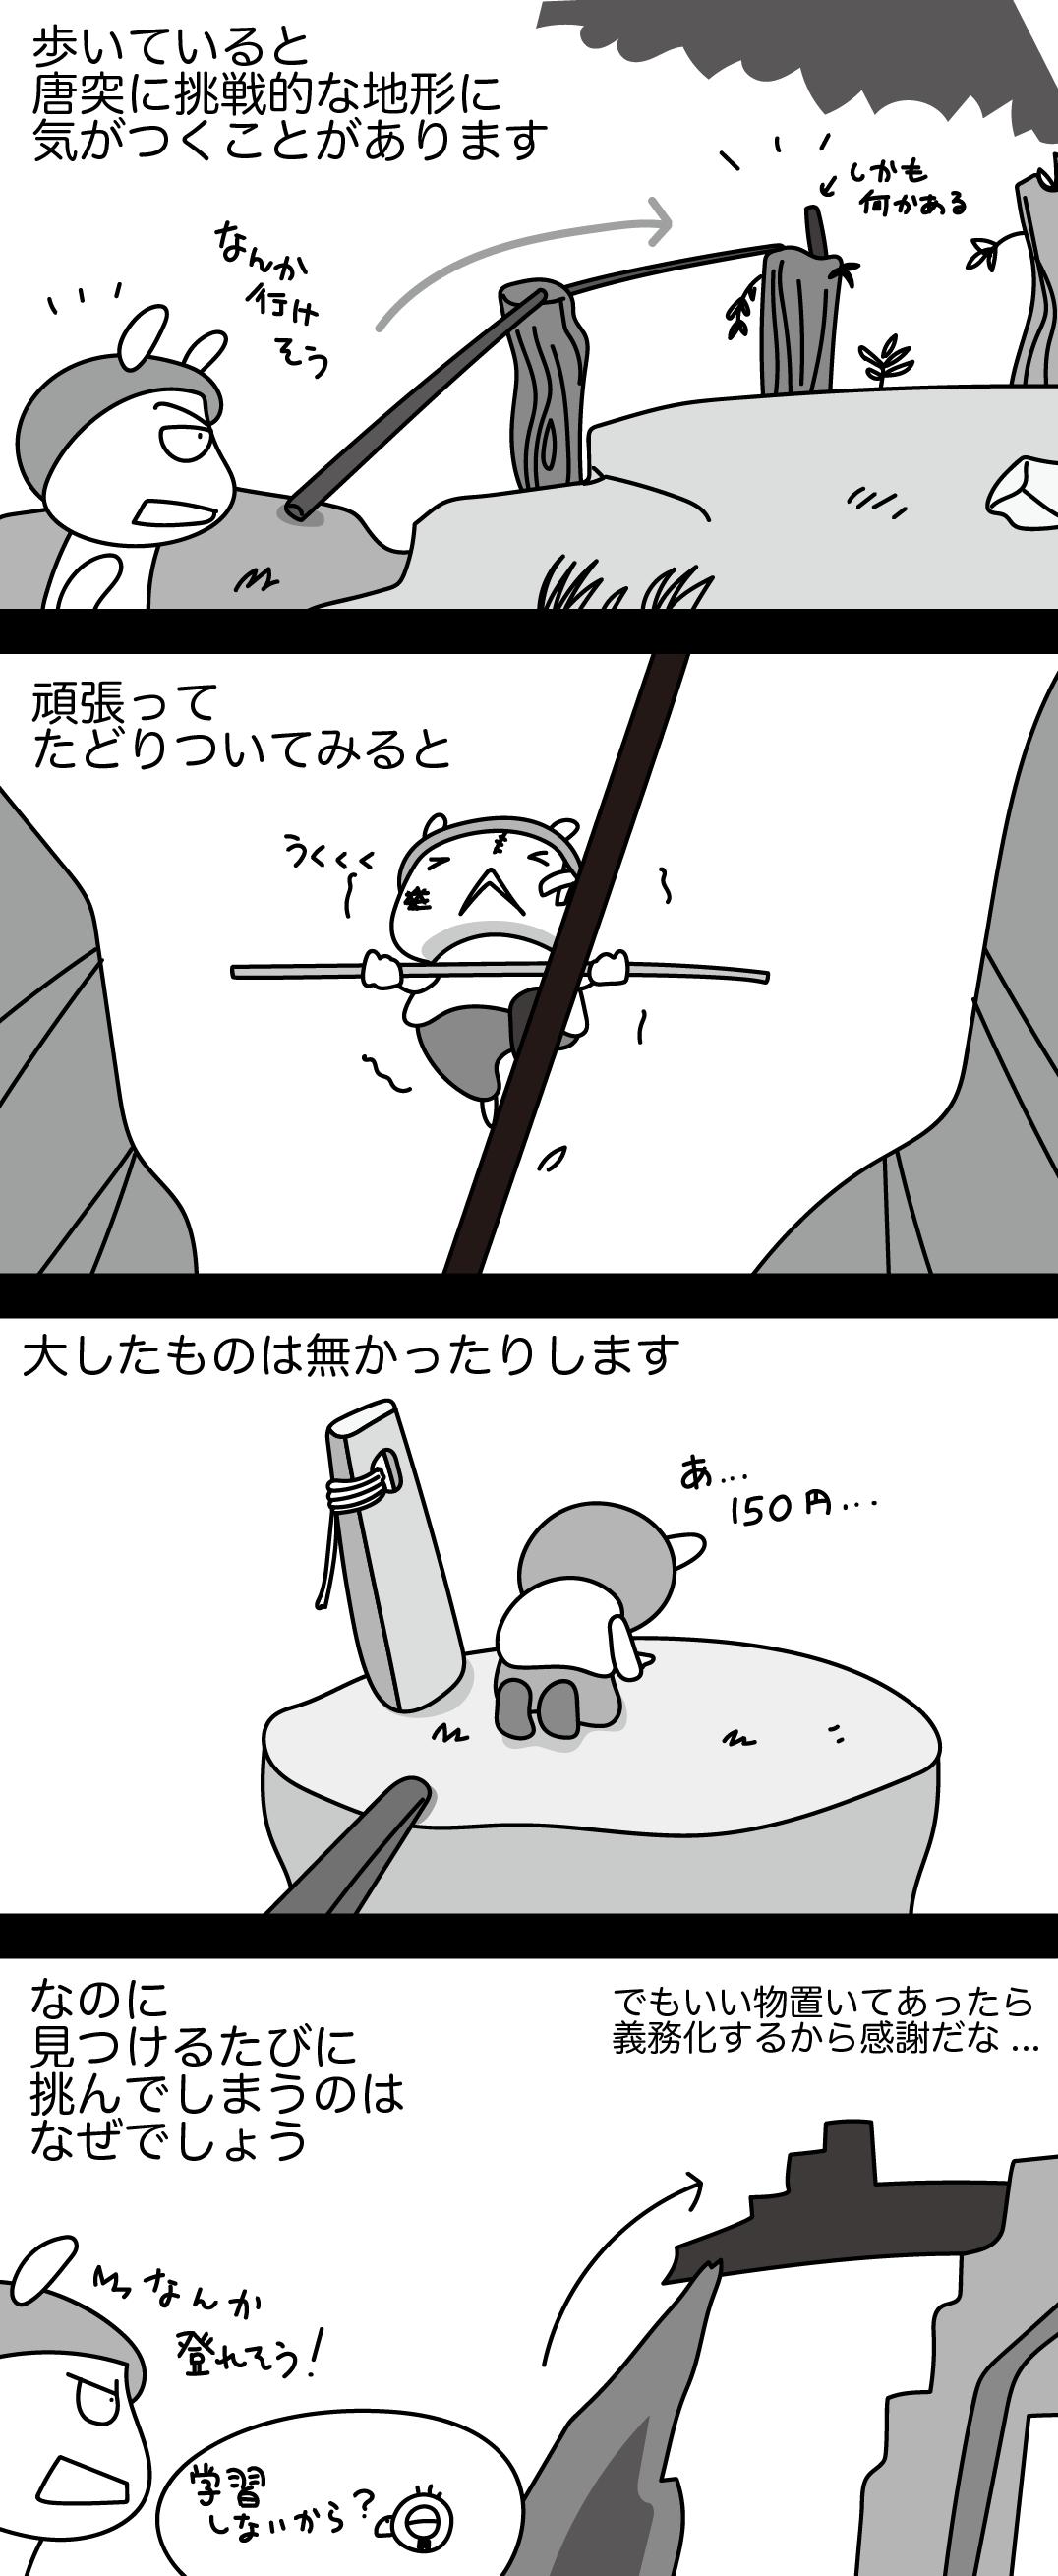 ドラゴンエイジ:インクイジション「そこにお小遣いのある限り!散策の喜び」漫画